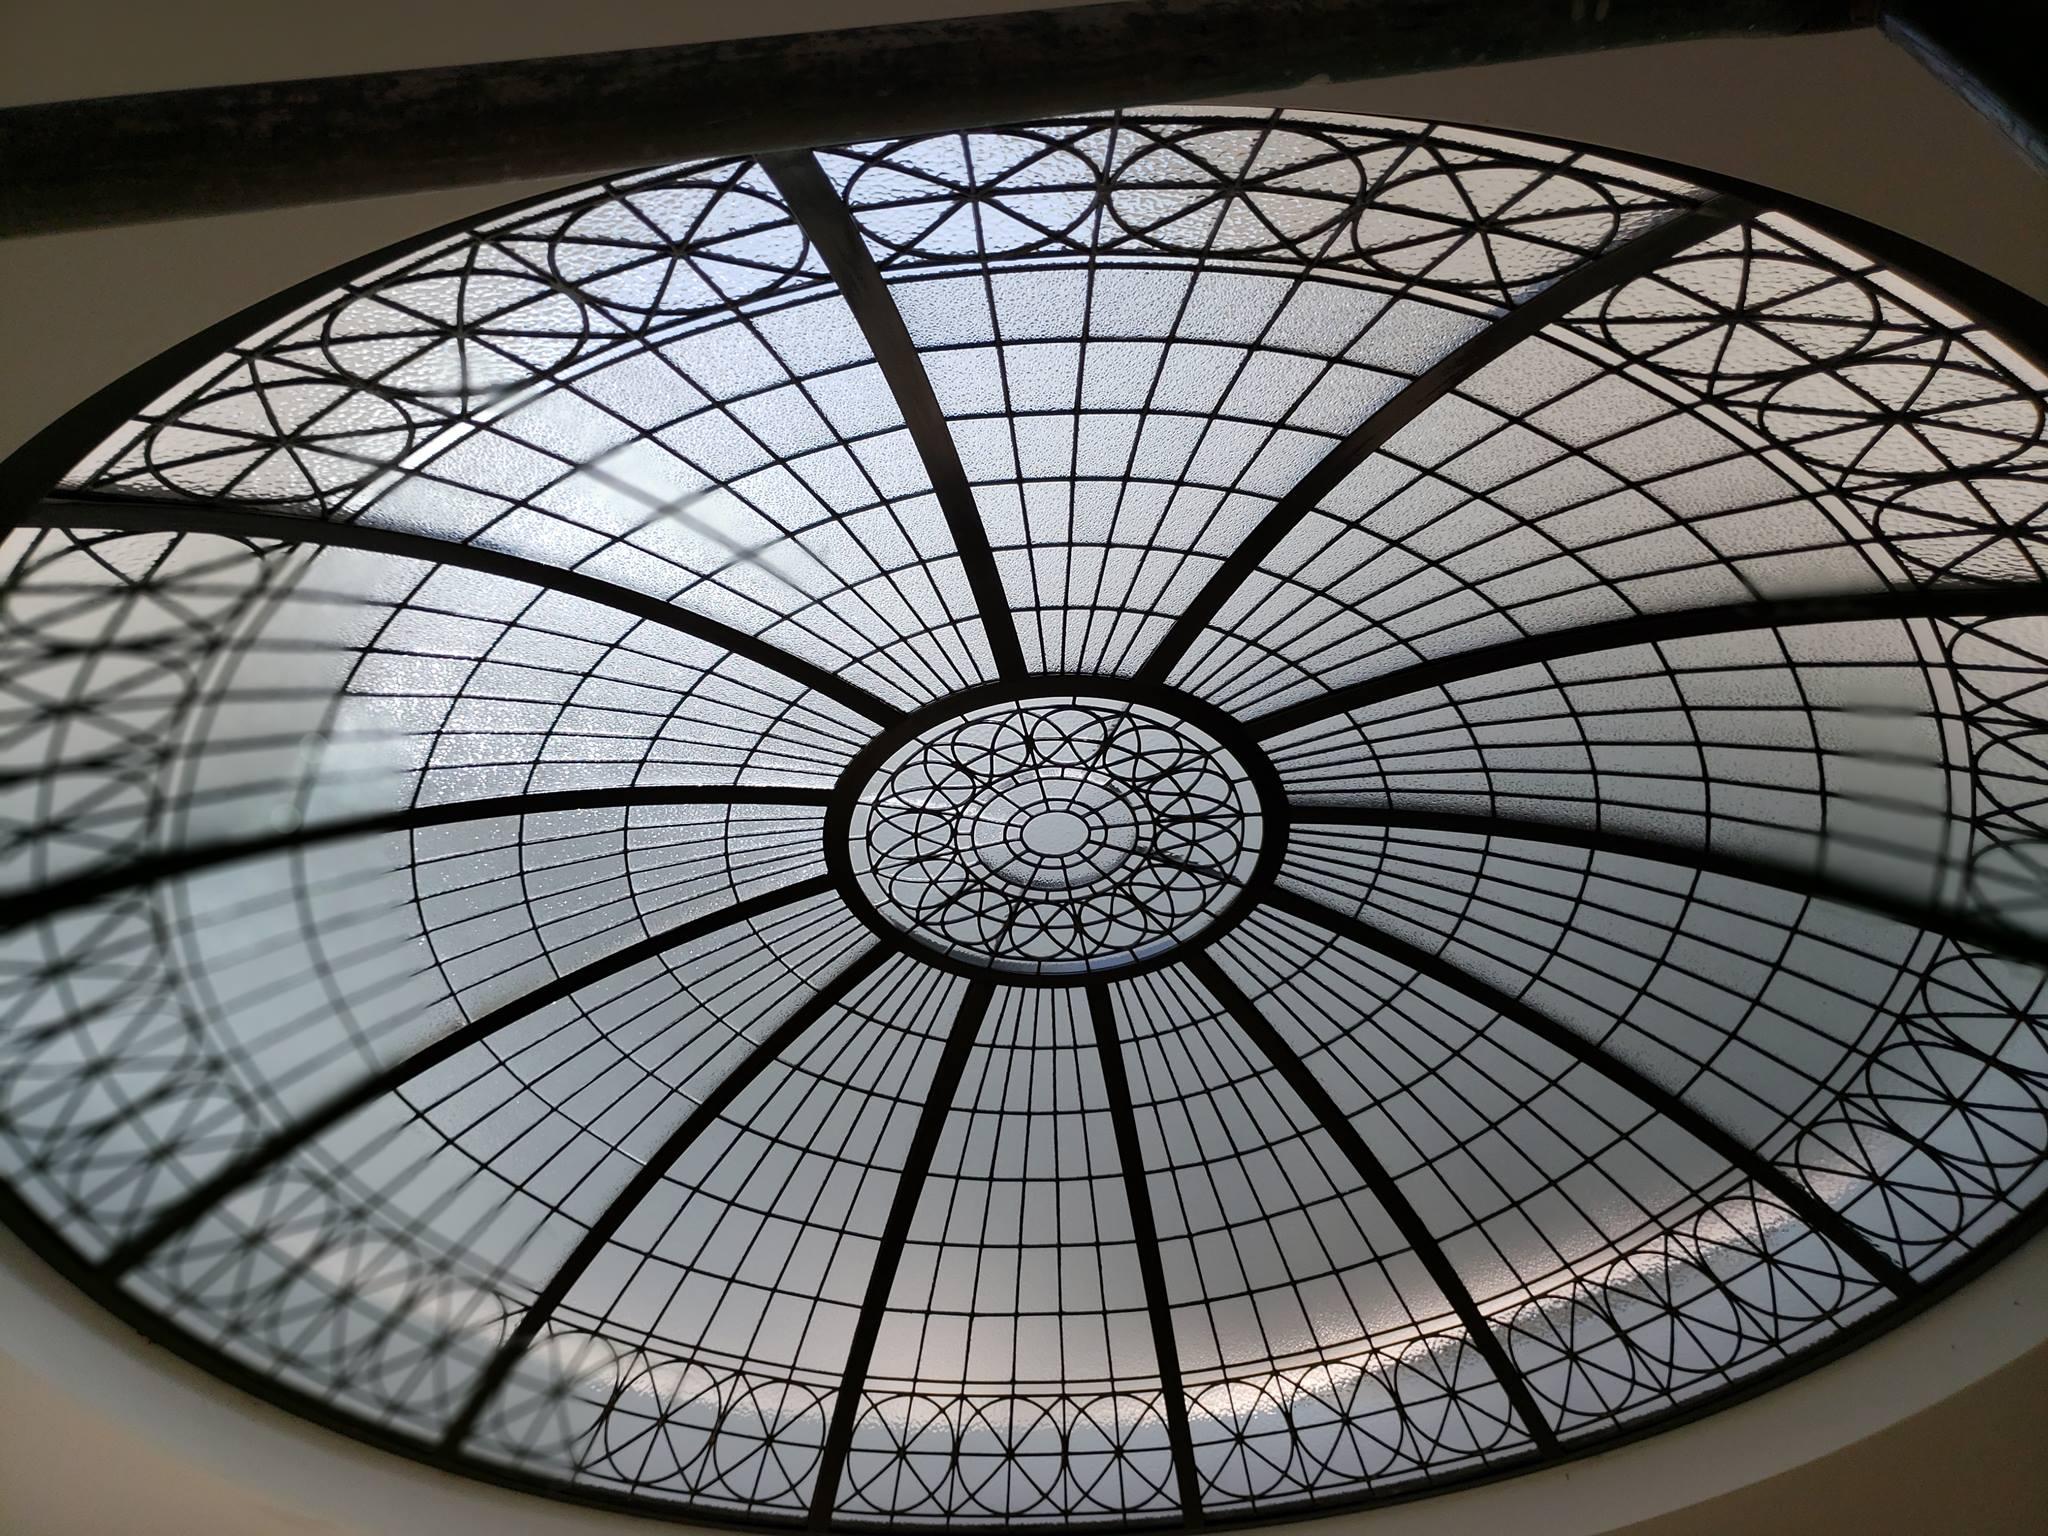 Pomocí původních technik předávaných od starověku, Tom Rigdon a spolupracující řemeslníci z Hyland Studio dělají ručně broušená nádherná vitrážová okna